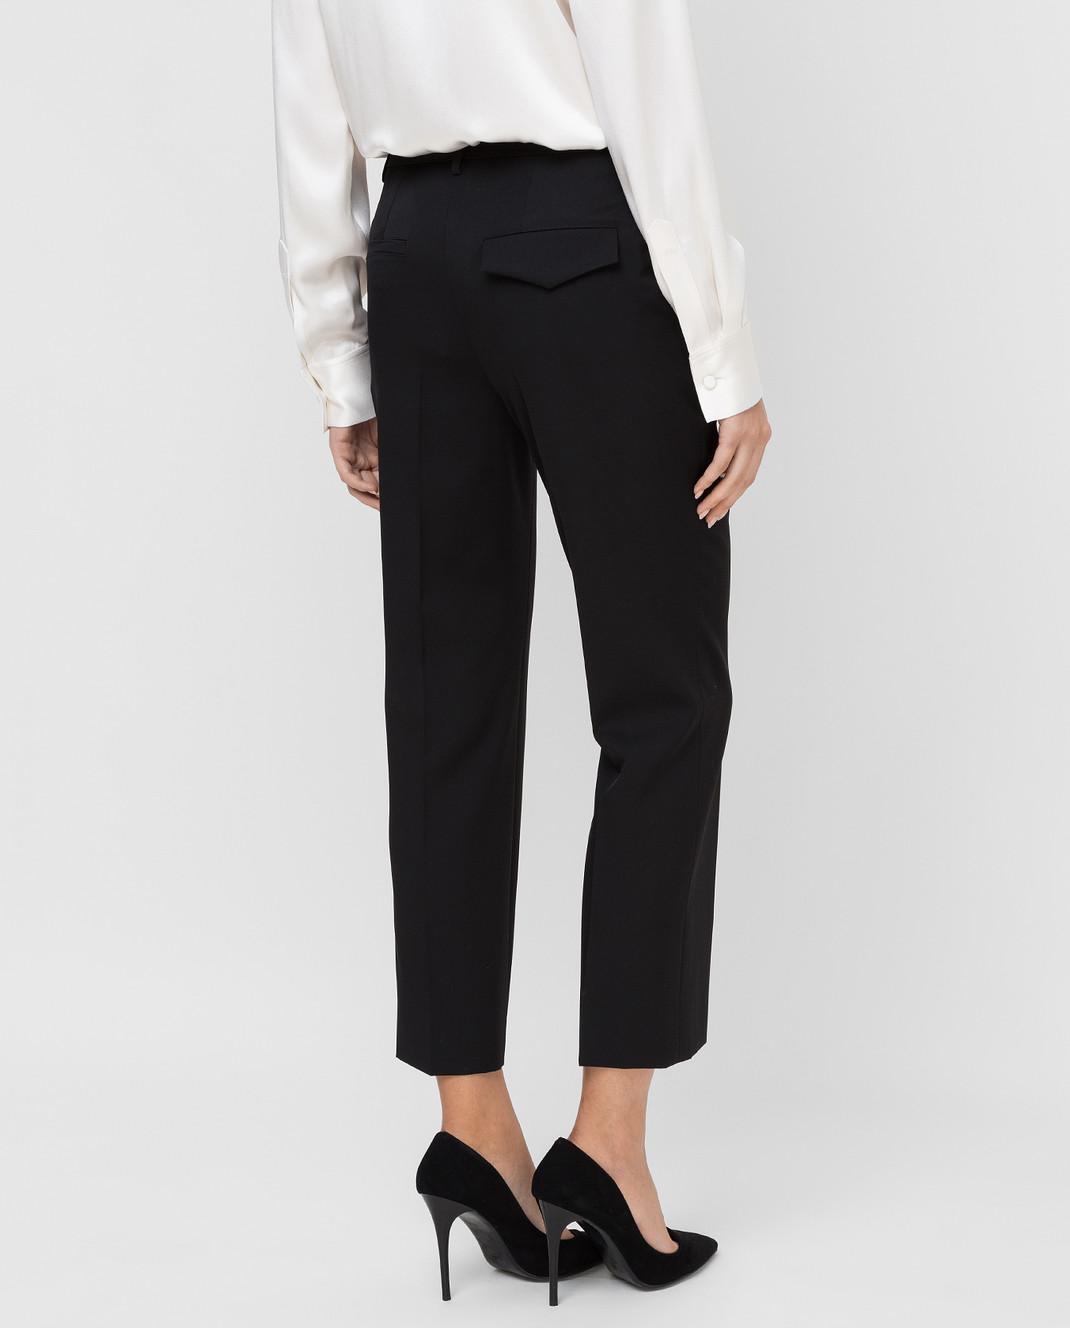 Lanvin Черные брюки из шерсти изображение 4